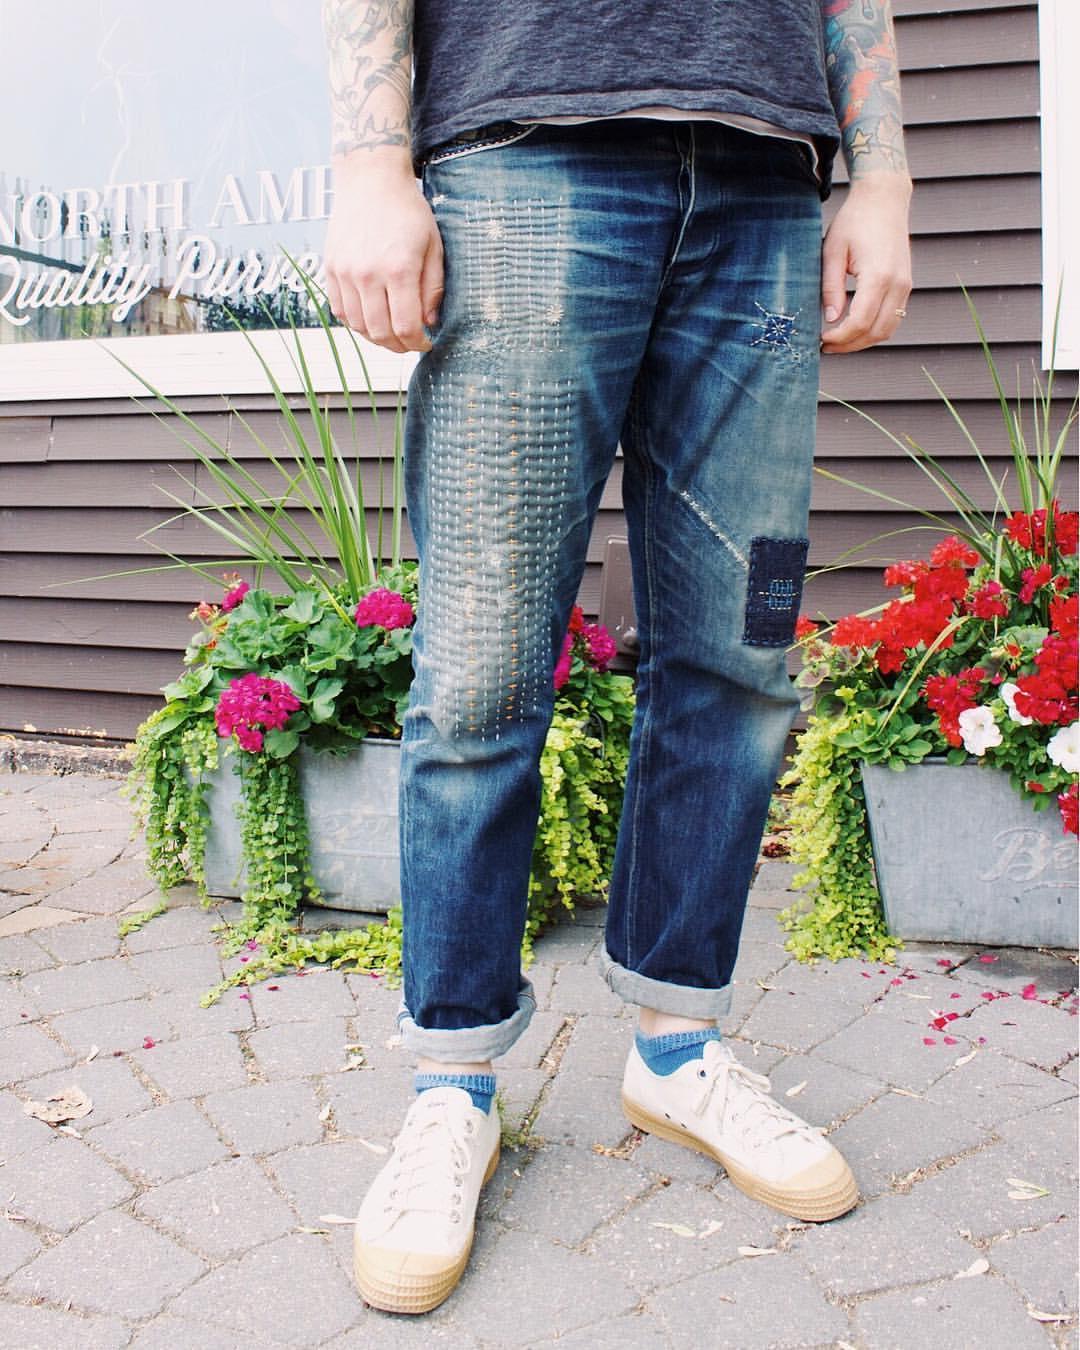 Xu hướng DIY quần áo đang trở thành trào lưu thịnh hành - hình ảnh 6